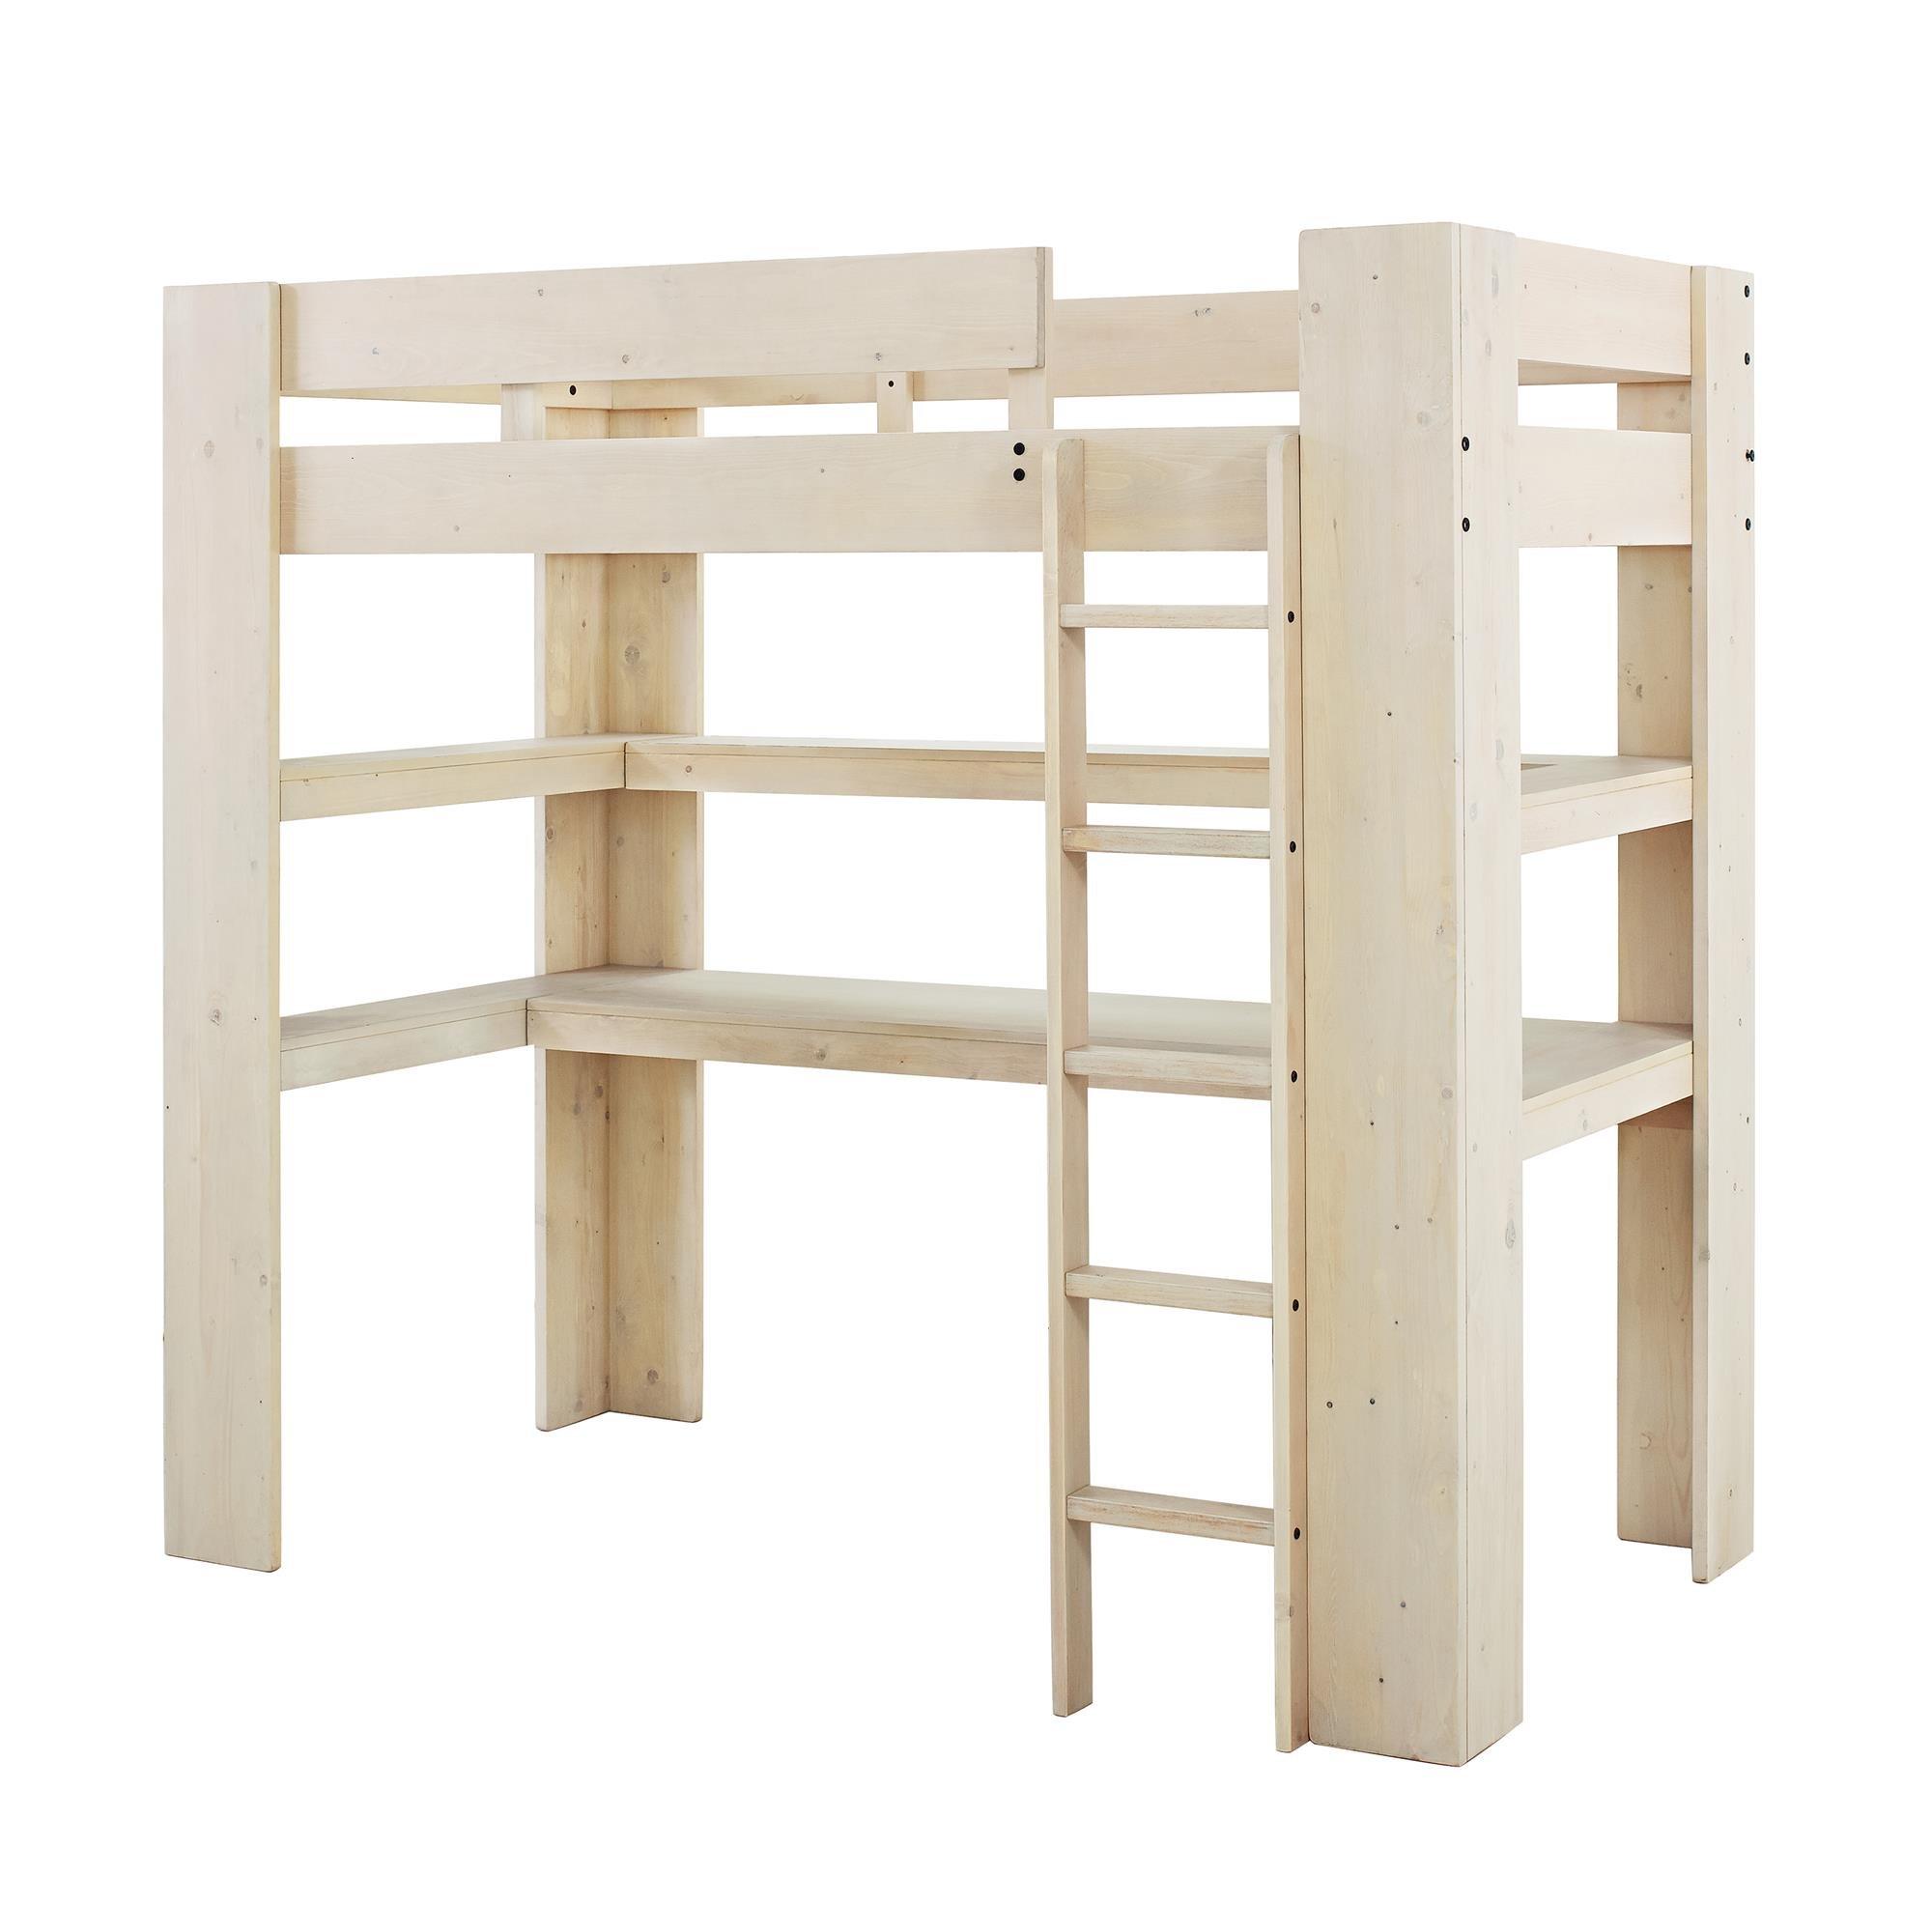 Dorel Living Baylee Loft Bed with Desk and Shelf, Natural Whitewash